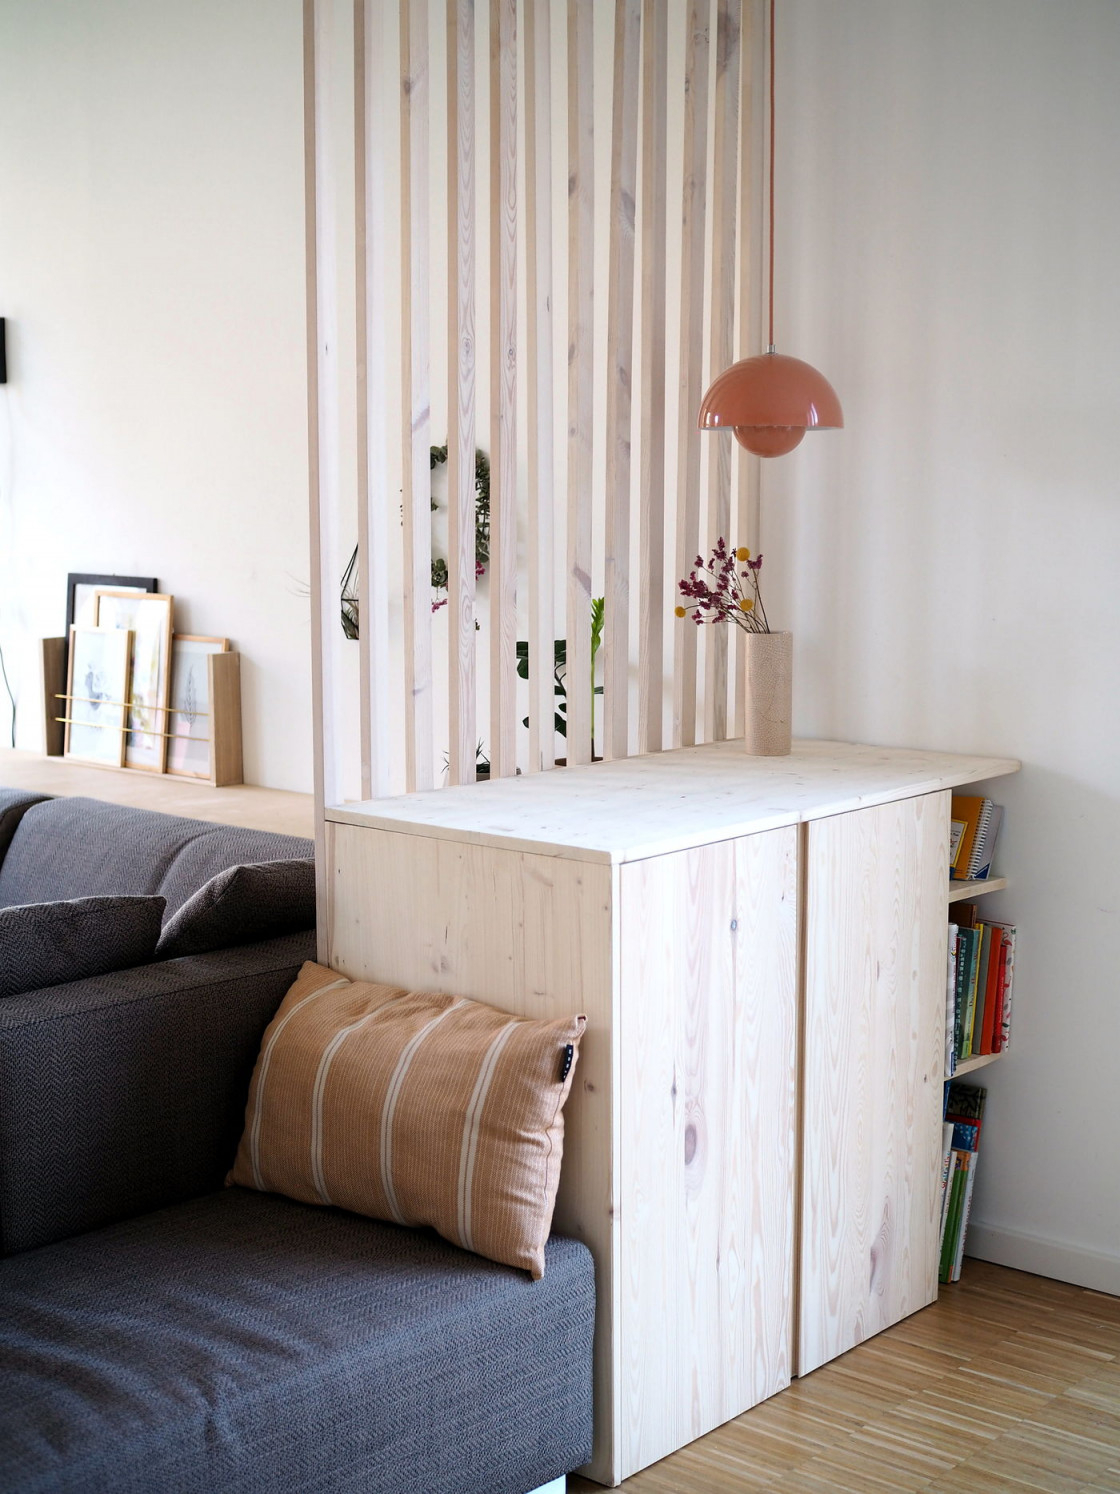 Ideen Für Raumteiler Und Raumtrenner von Raumtrenner Ideen Wohnzimmer Photo